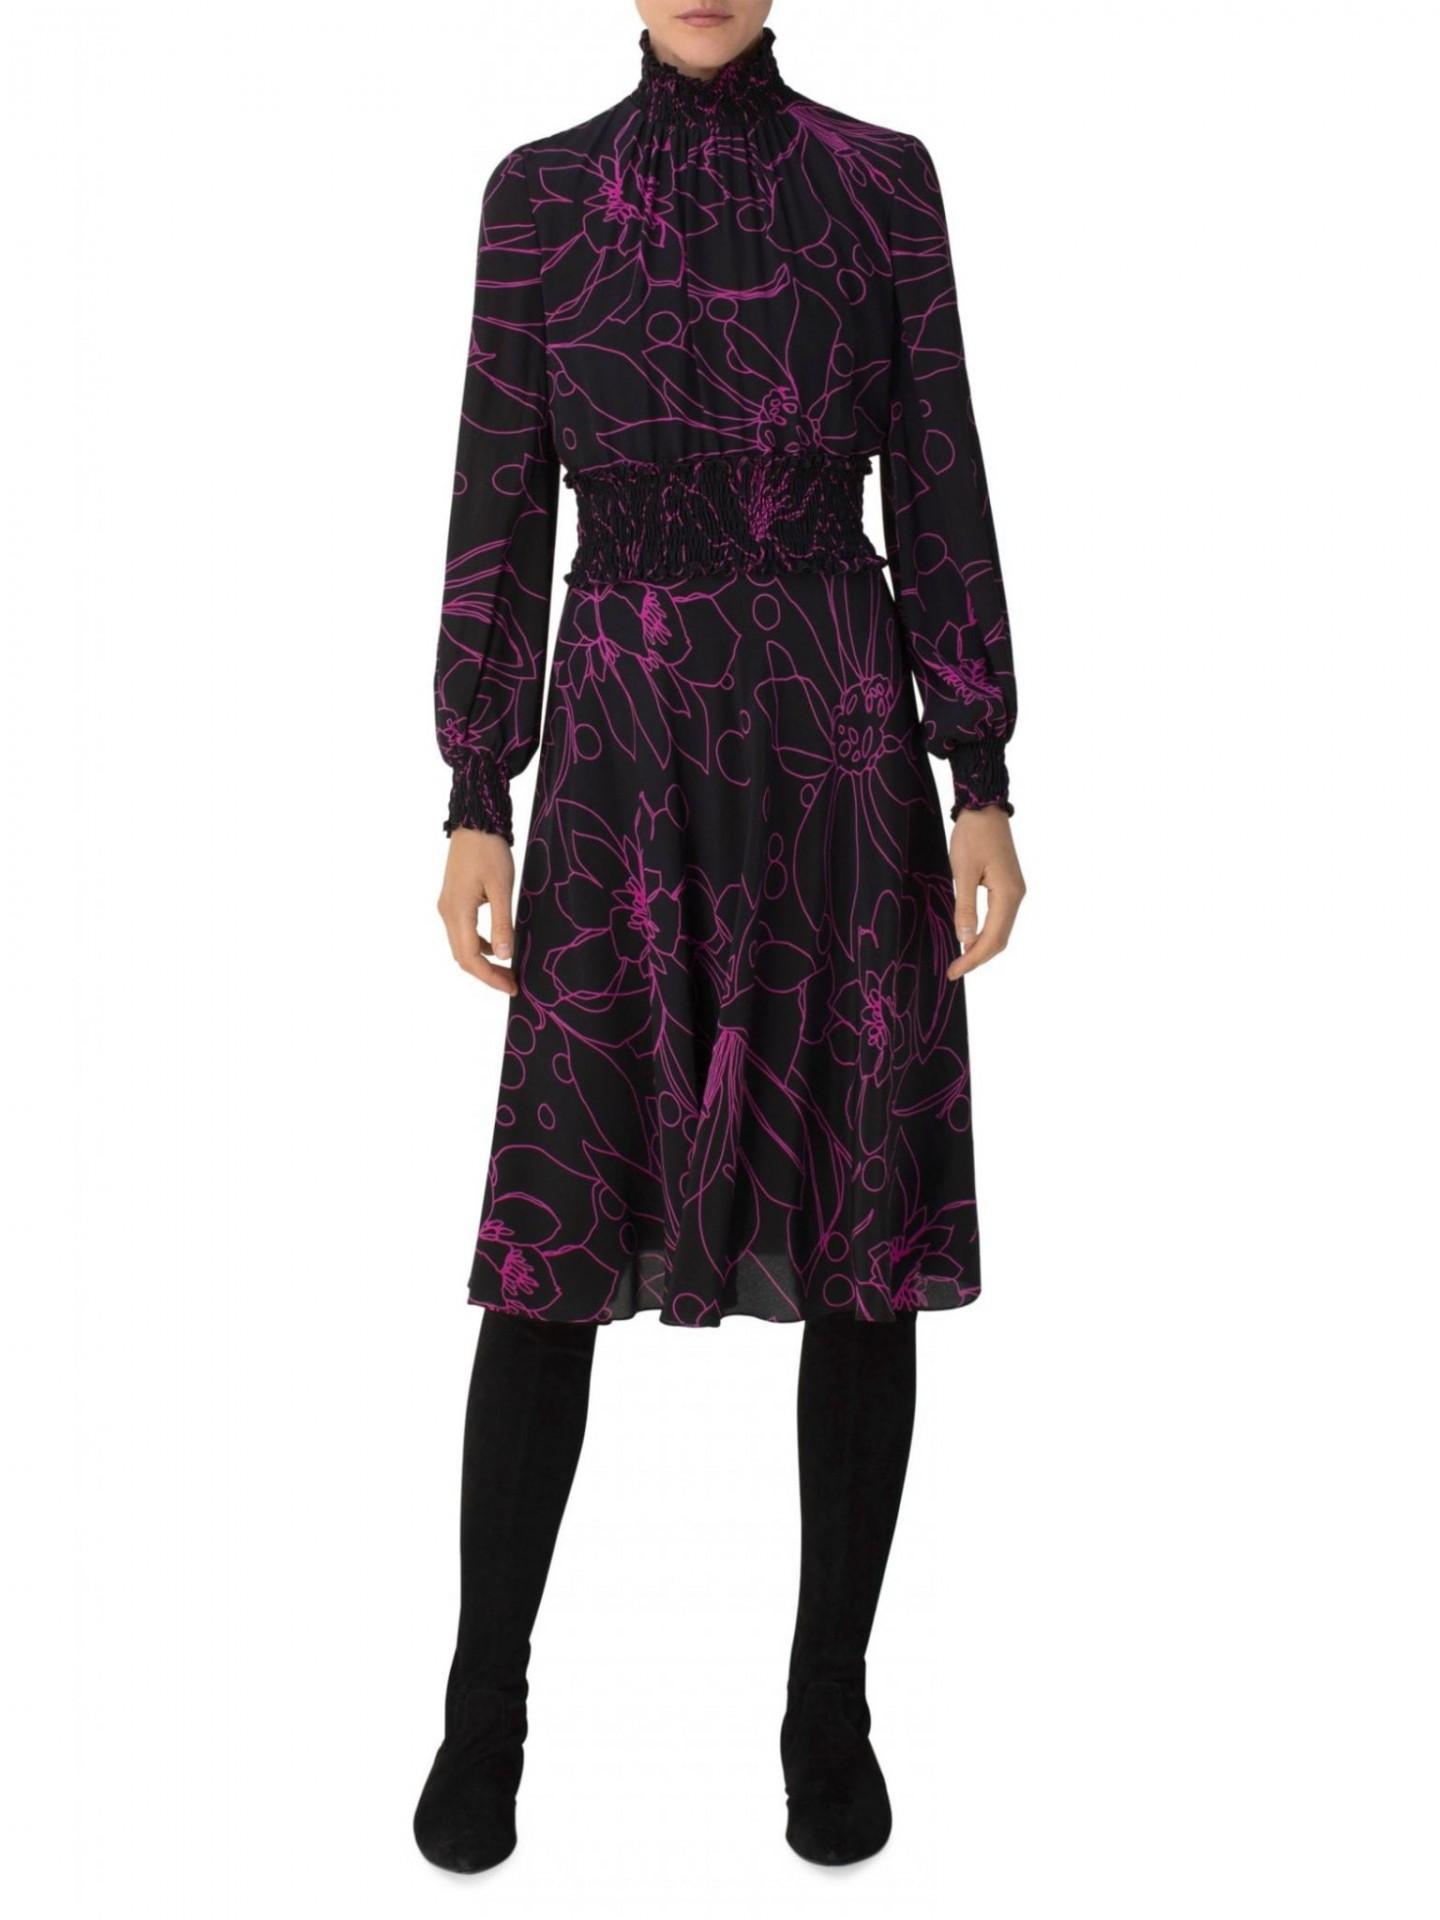 AKRIS PUNTO Sashiko Flower Silk Turtleneck Dress